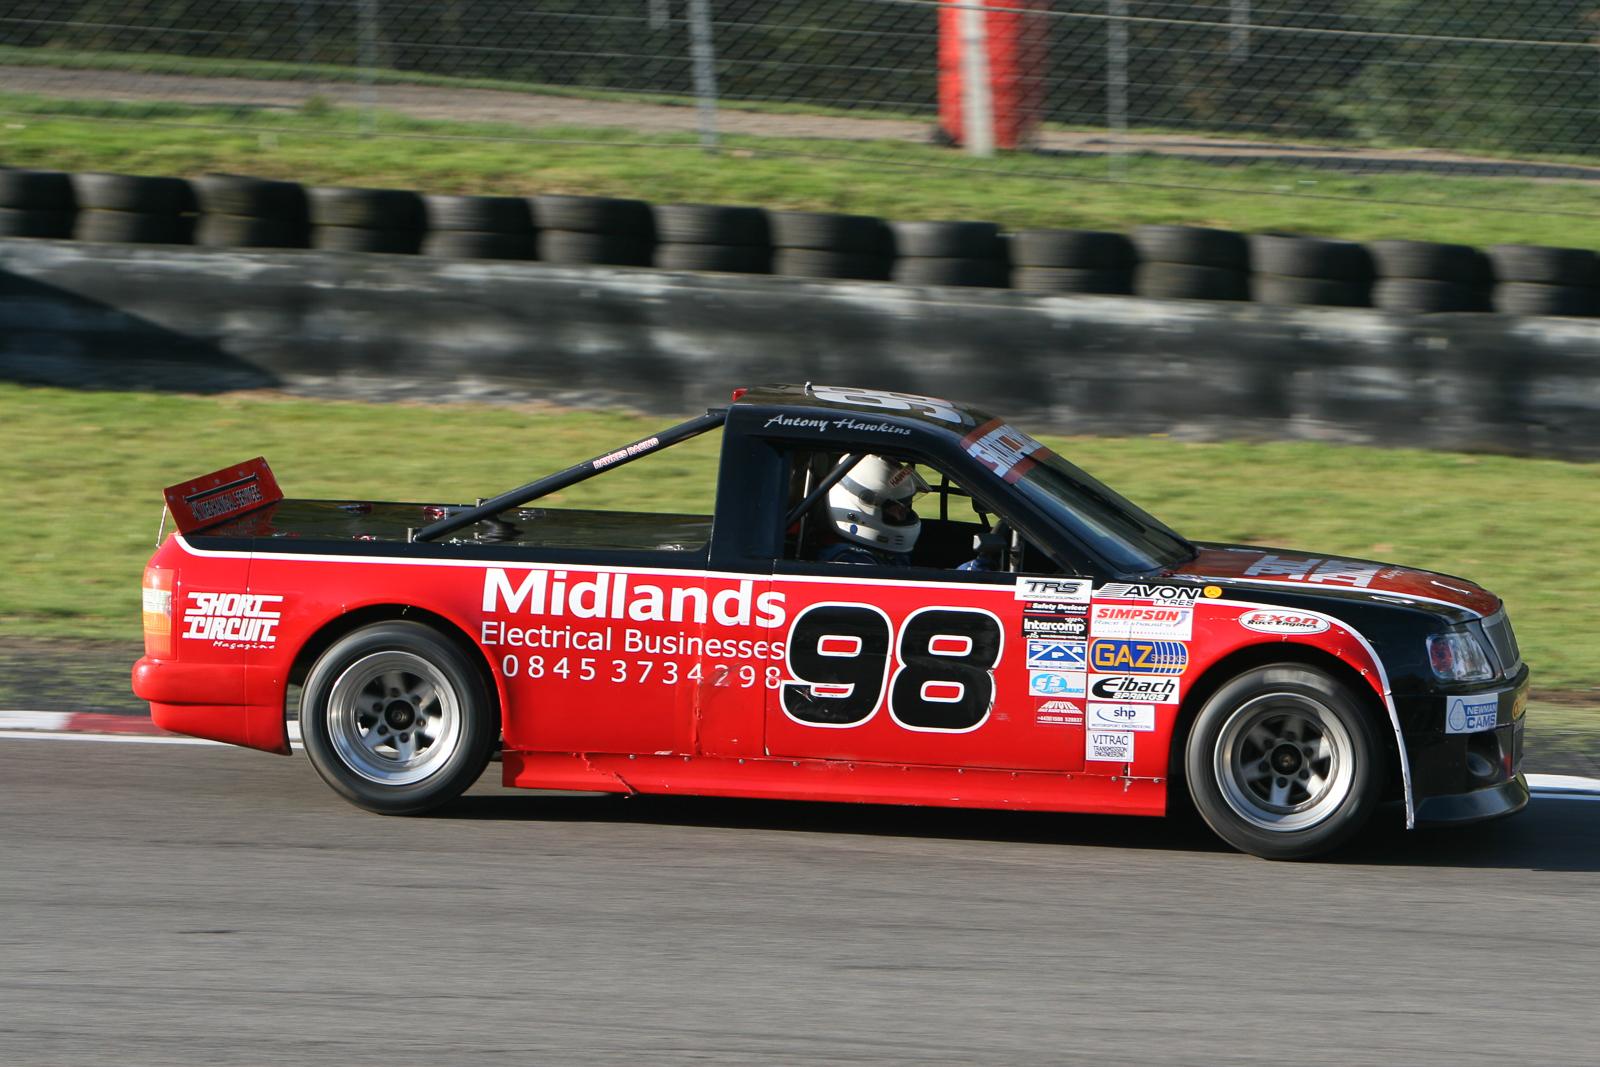 20071103 - Truck Racing Brands -071103 -026